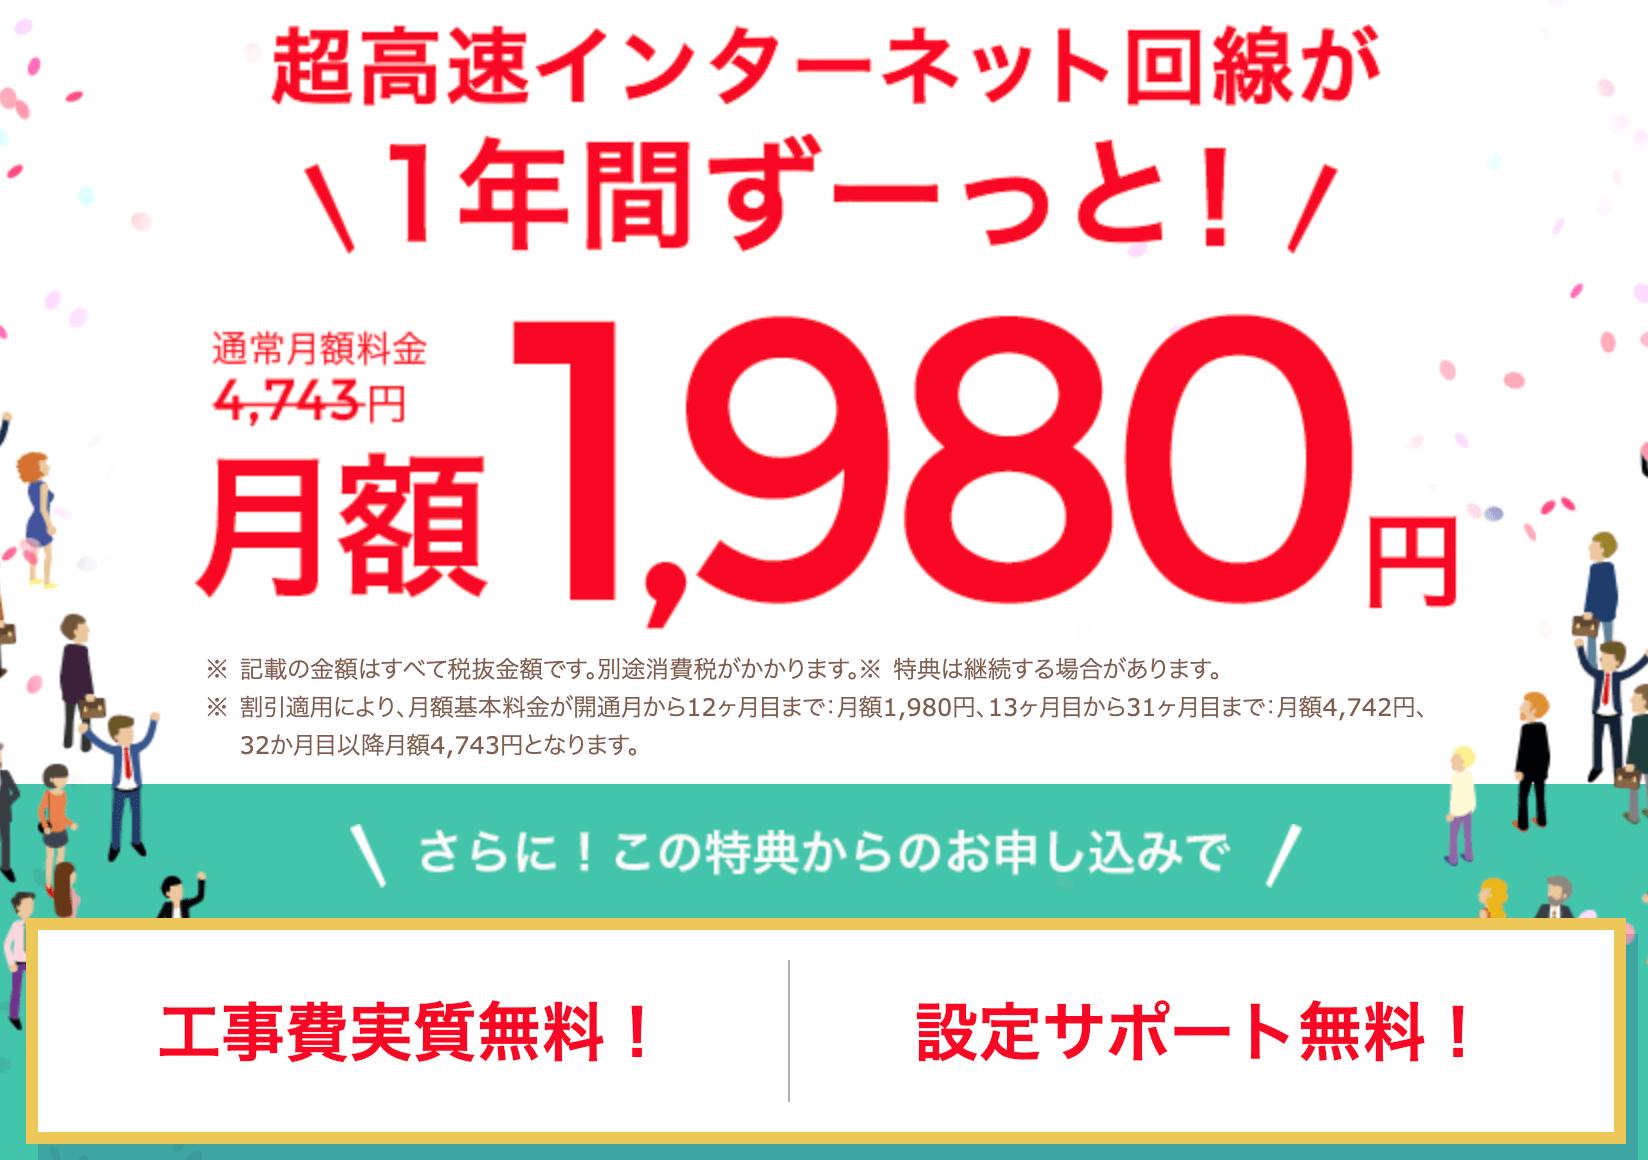 NURO光1年目1980円キャンペーン